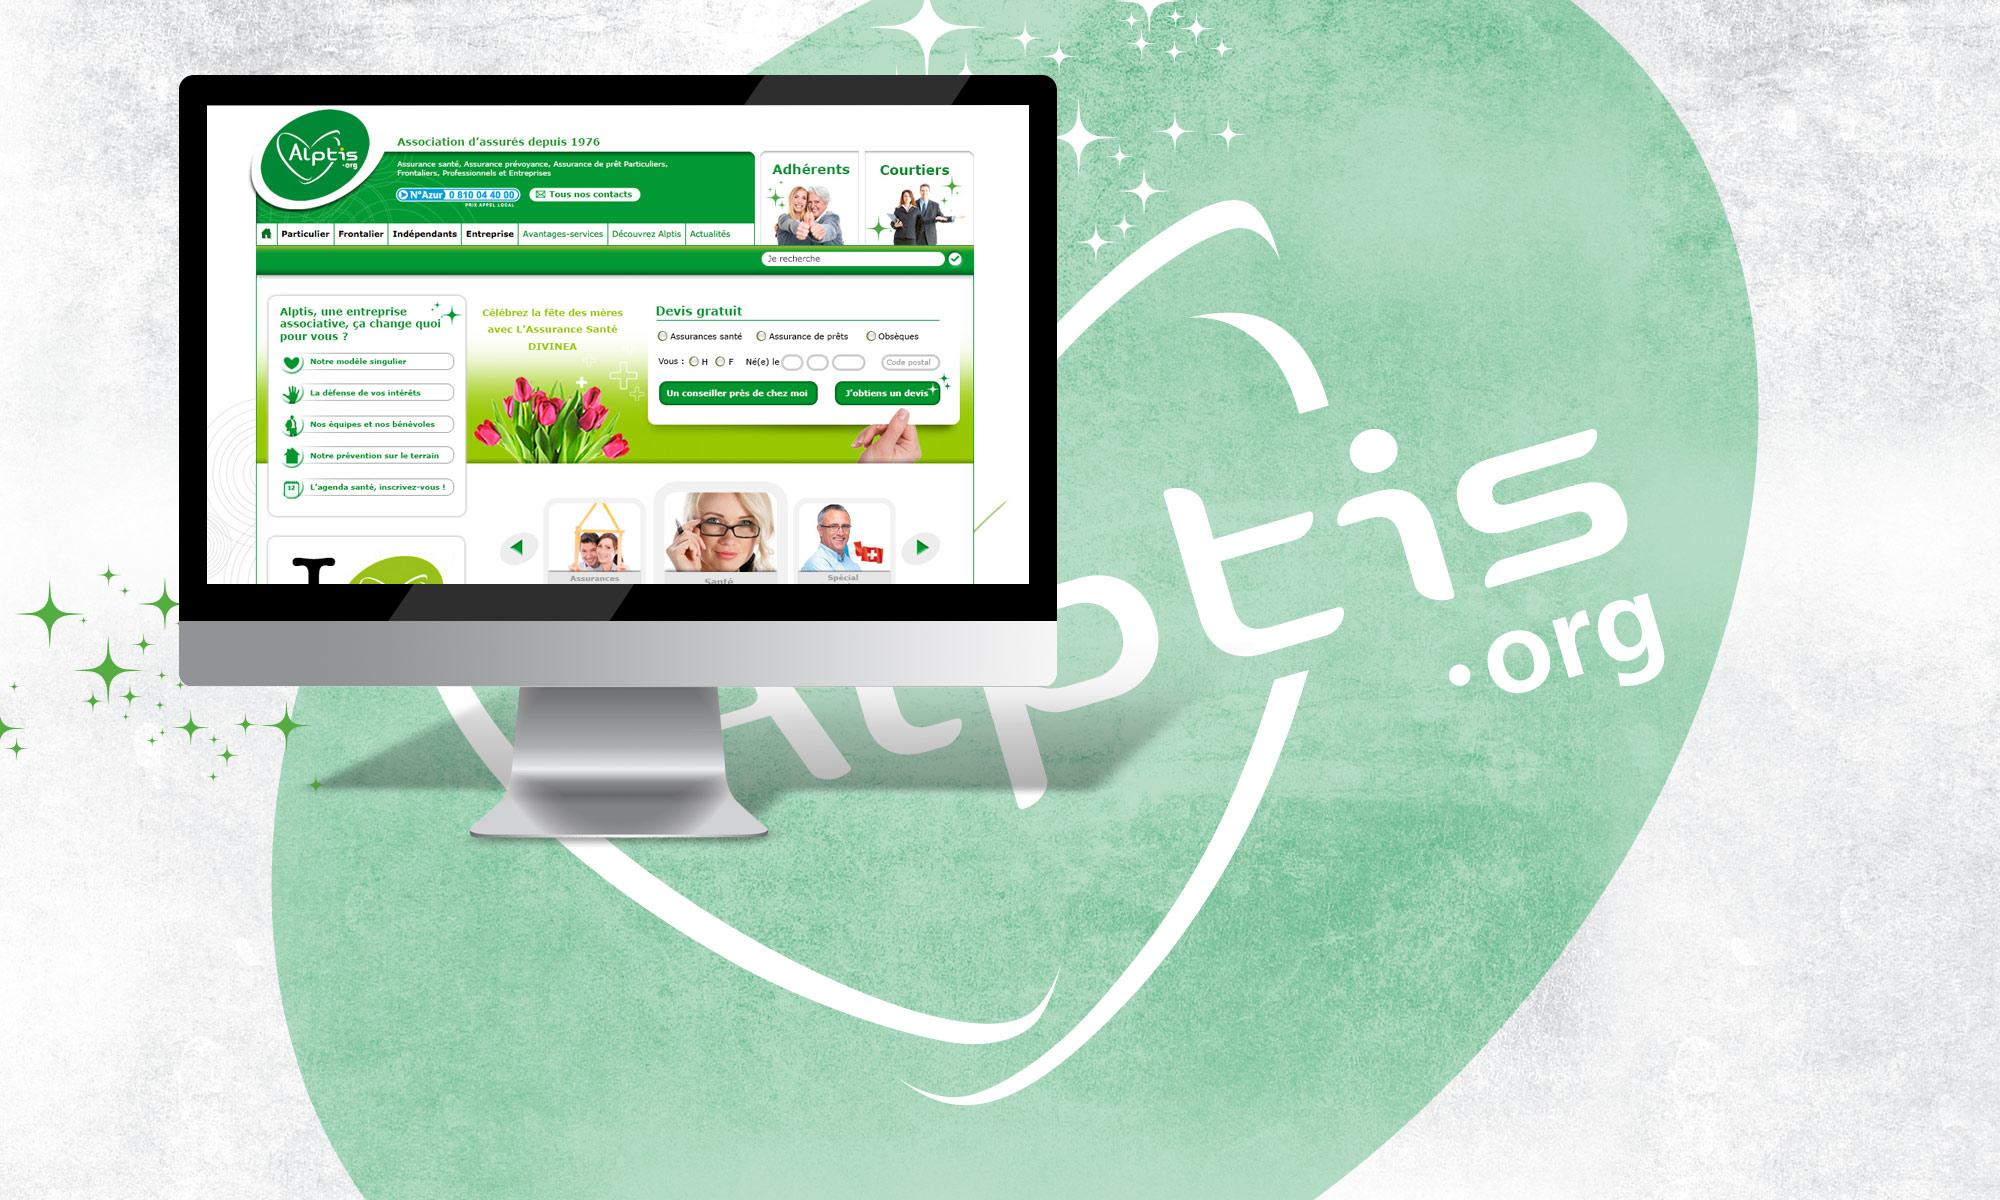 Développement de l'association d'assurés Alptis